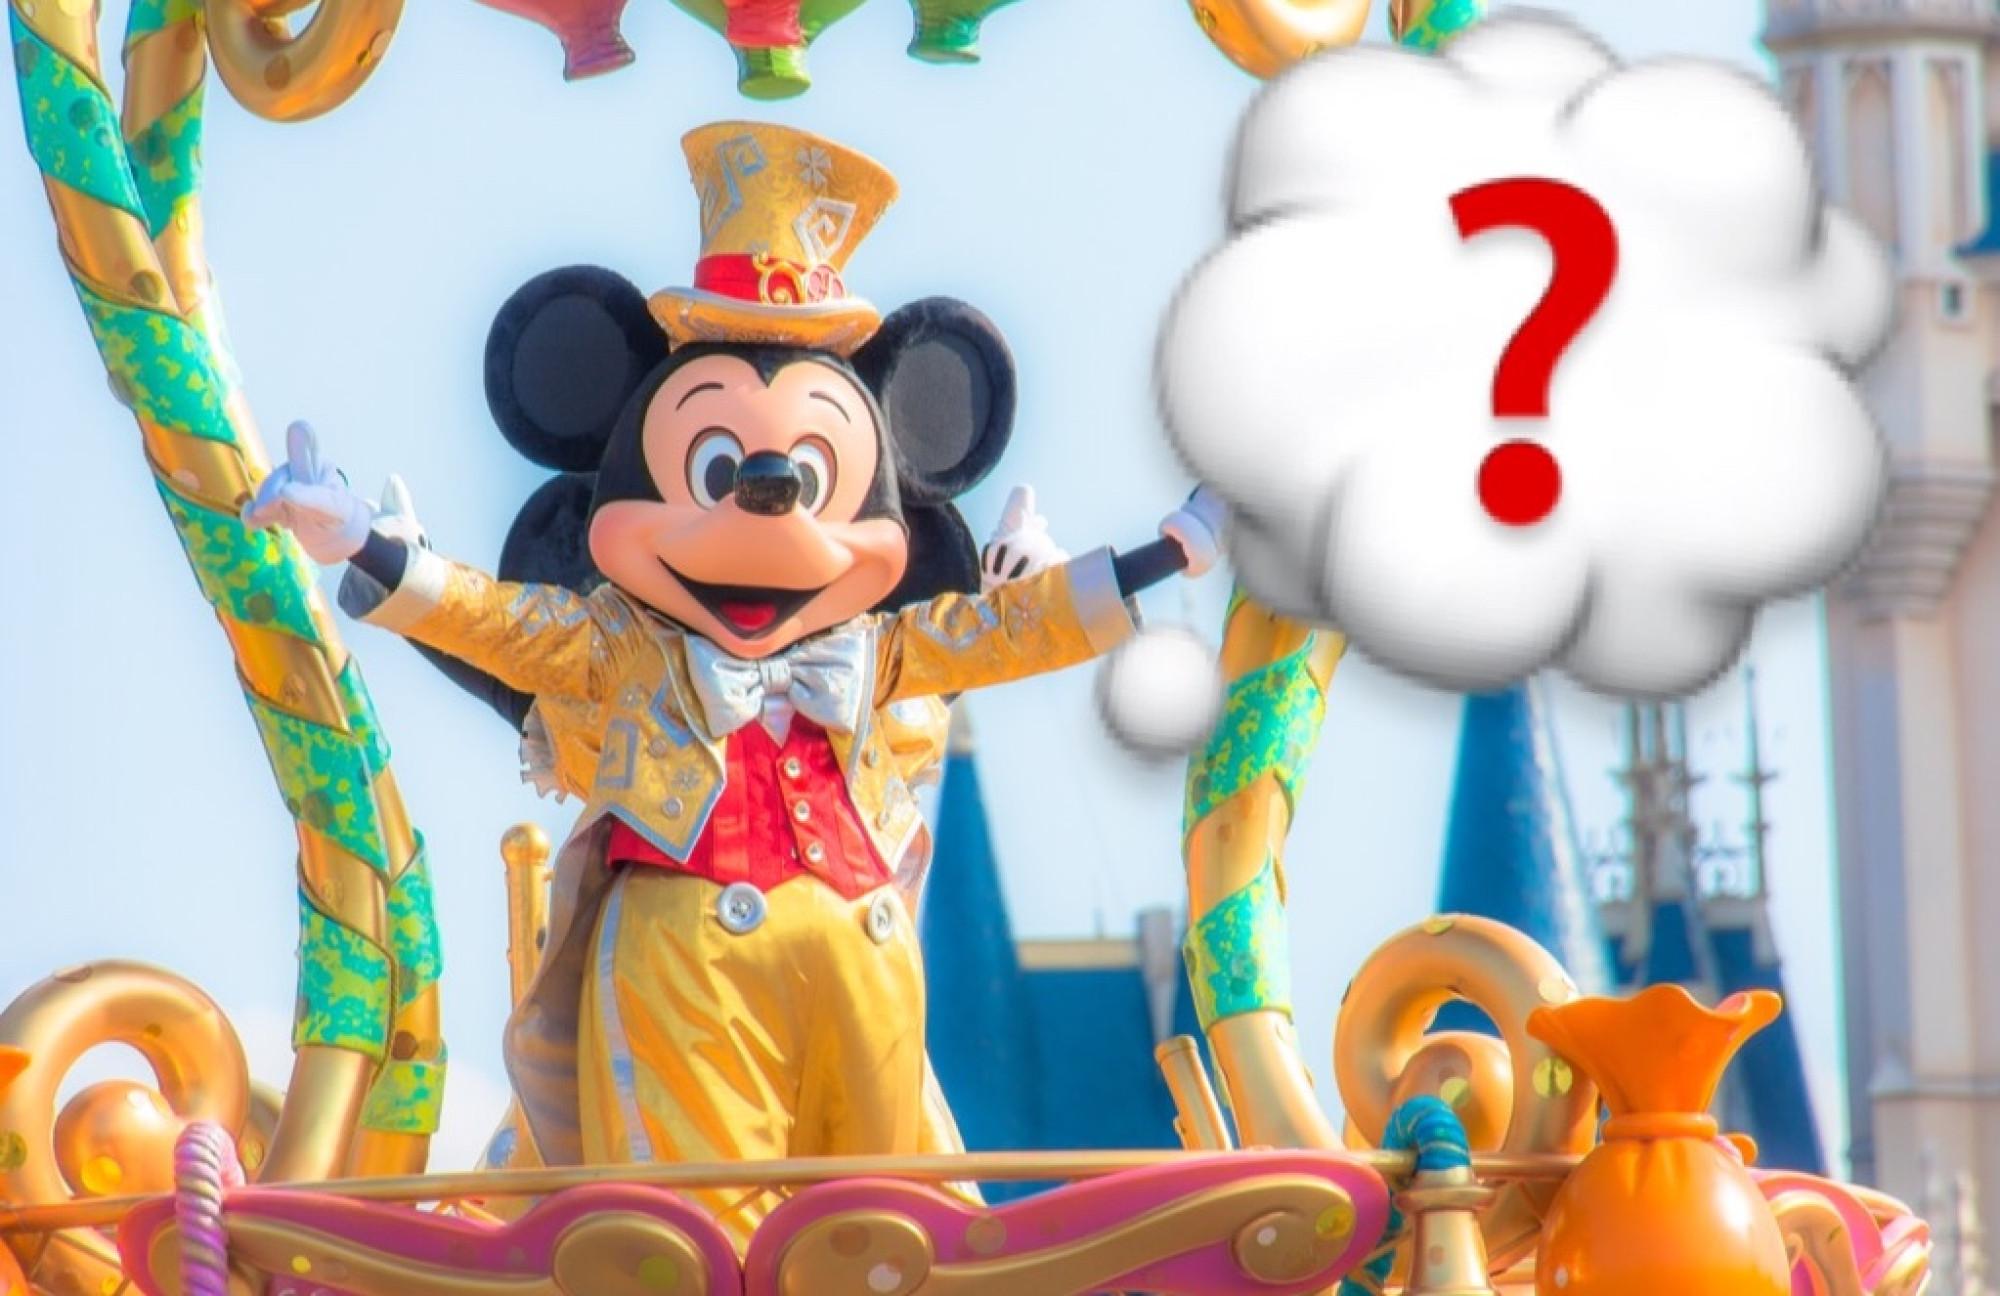 ディズニーの年パス新規購入/更新に関するQ&A